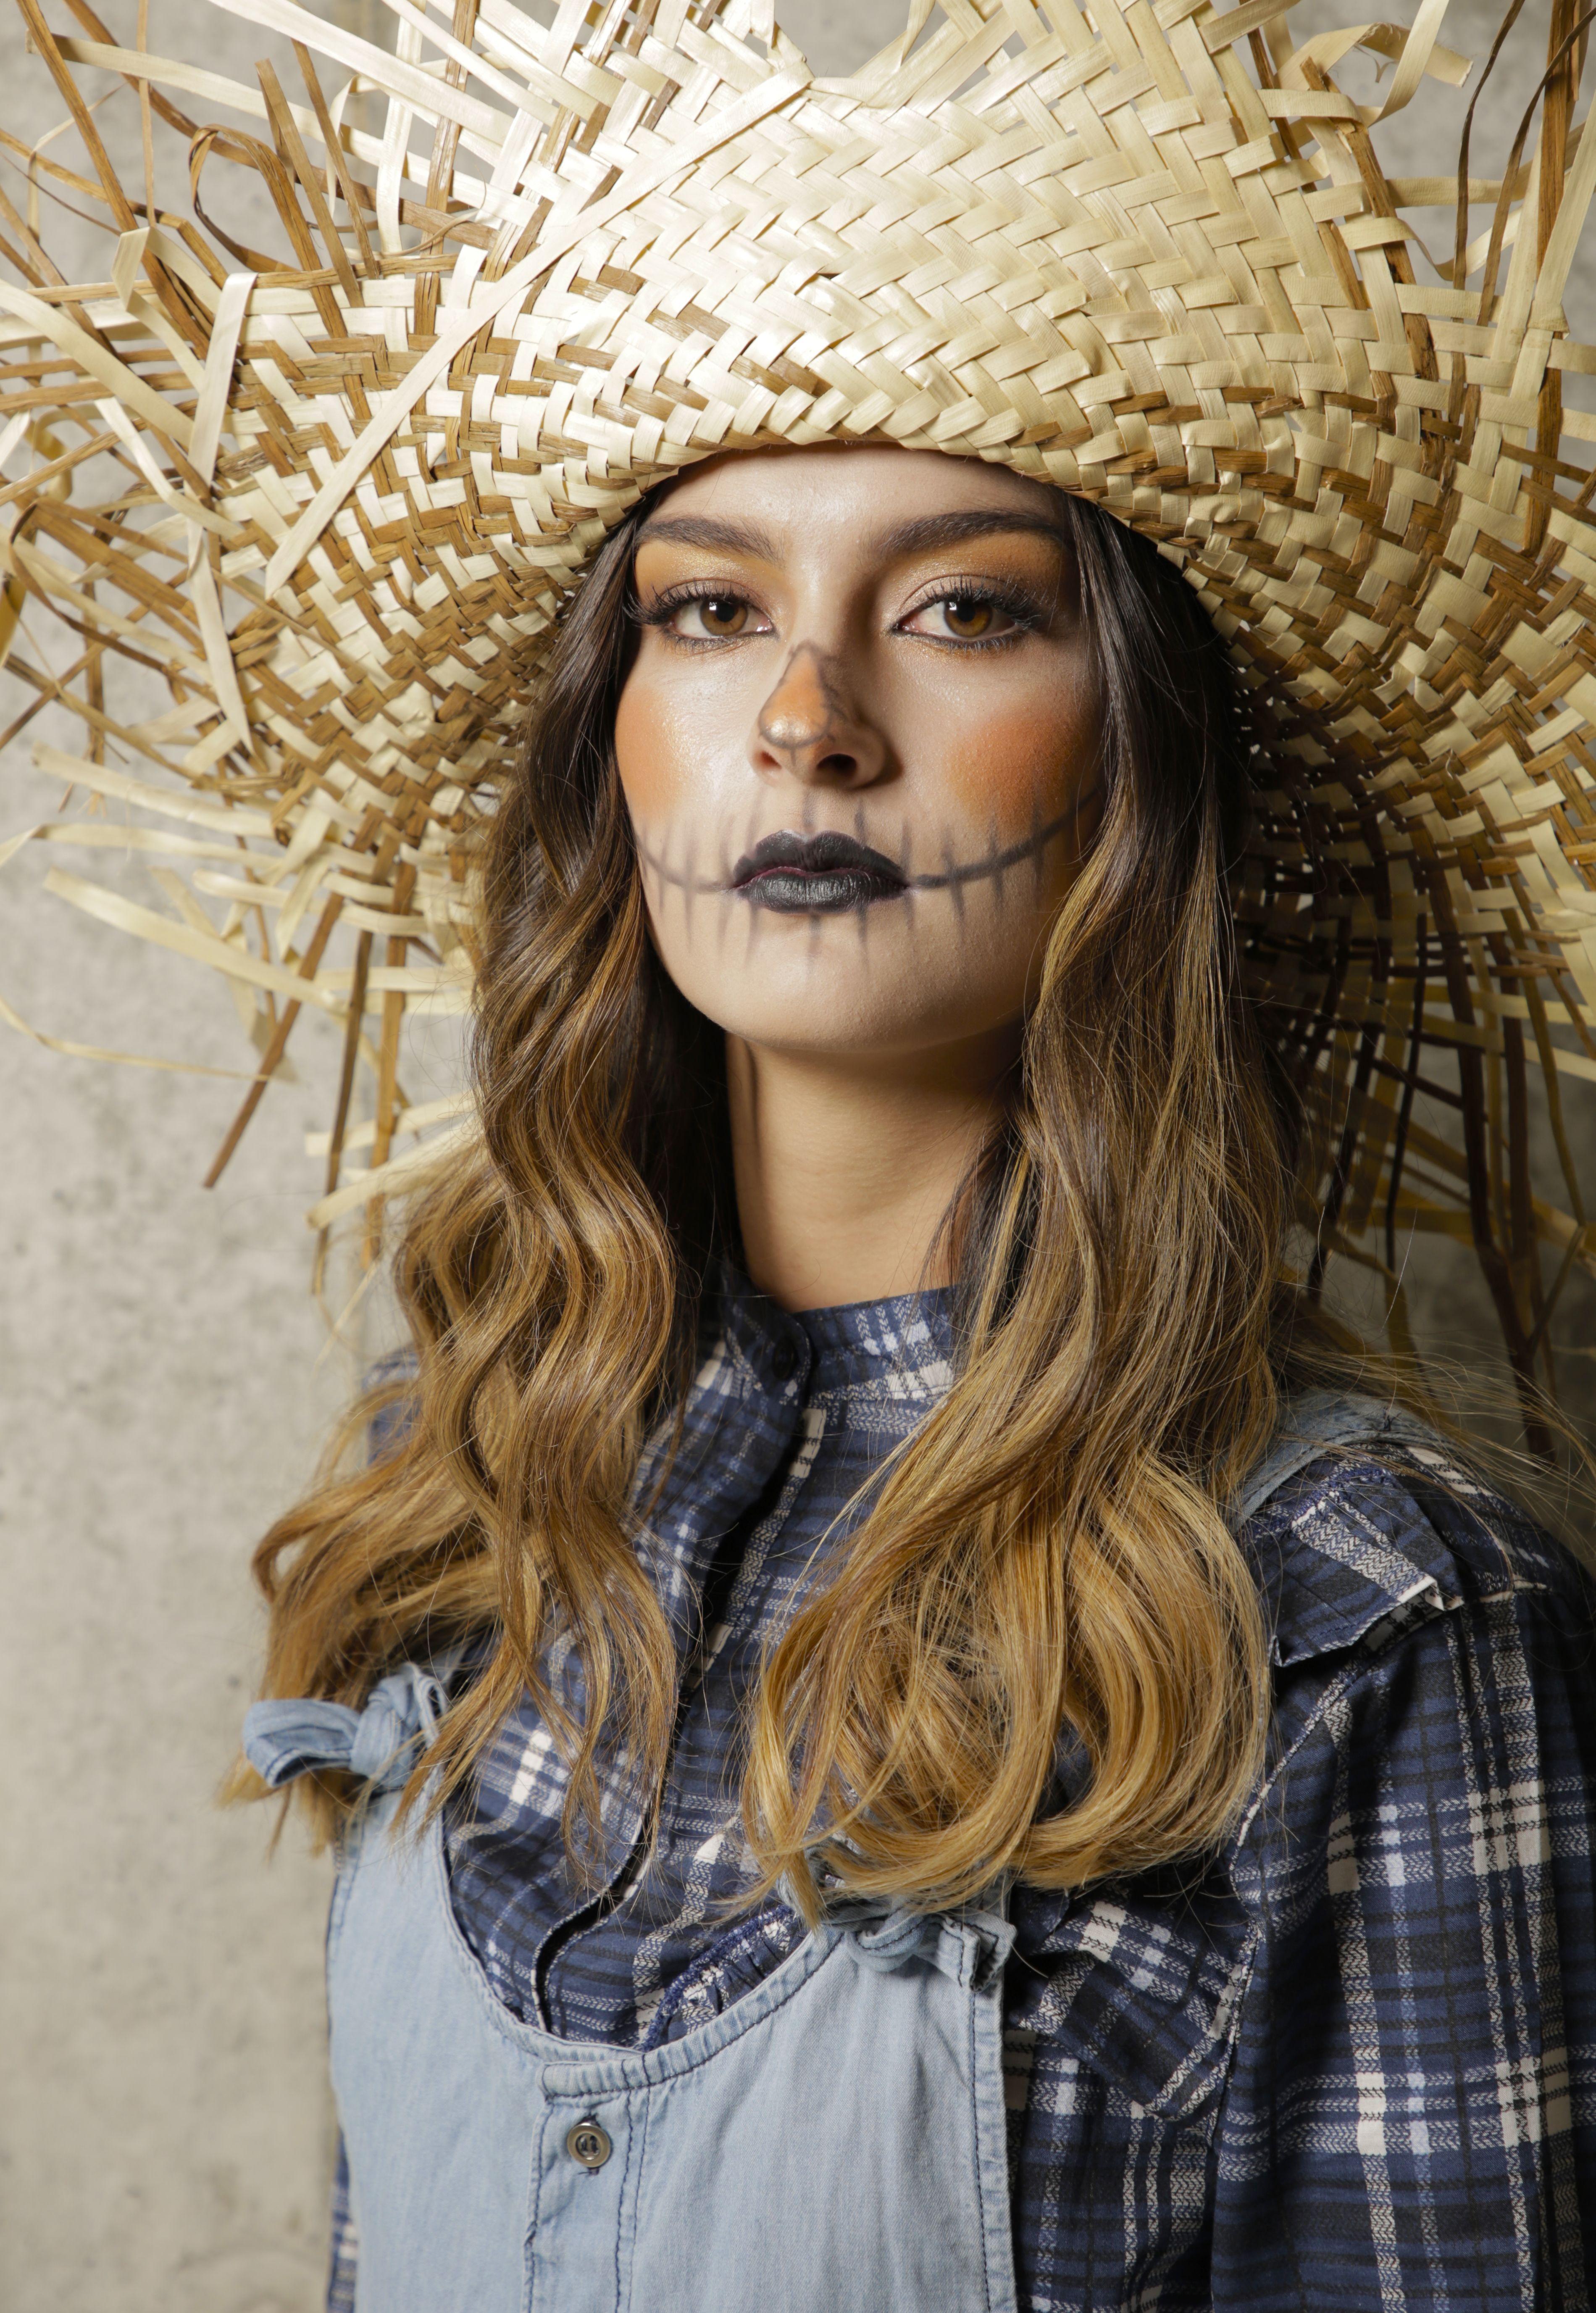 ac400d6647 Un maquillaje fácil y rápido! Encuentra más opciones en  www.pacifika.com